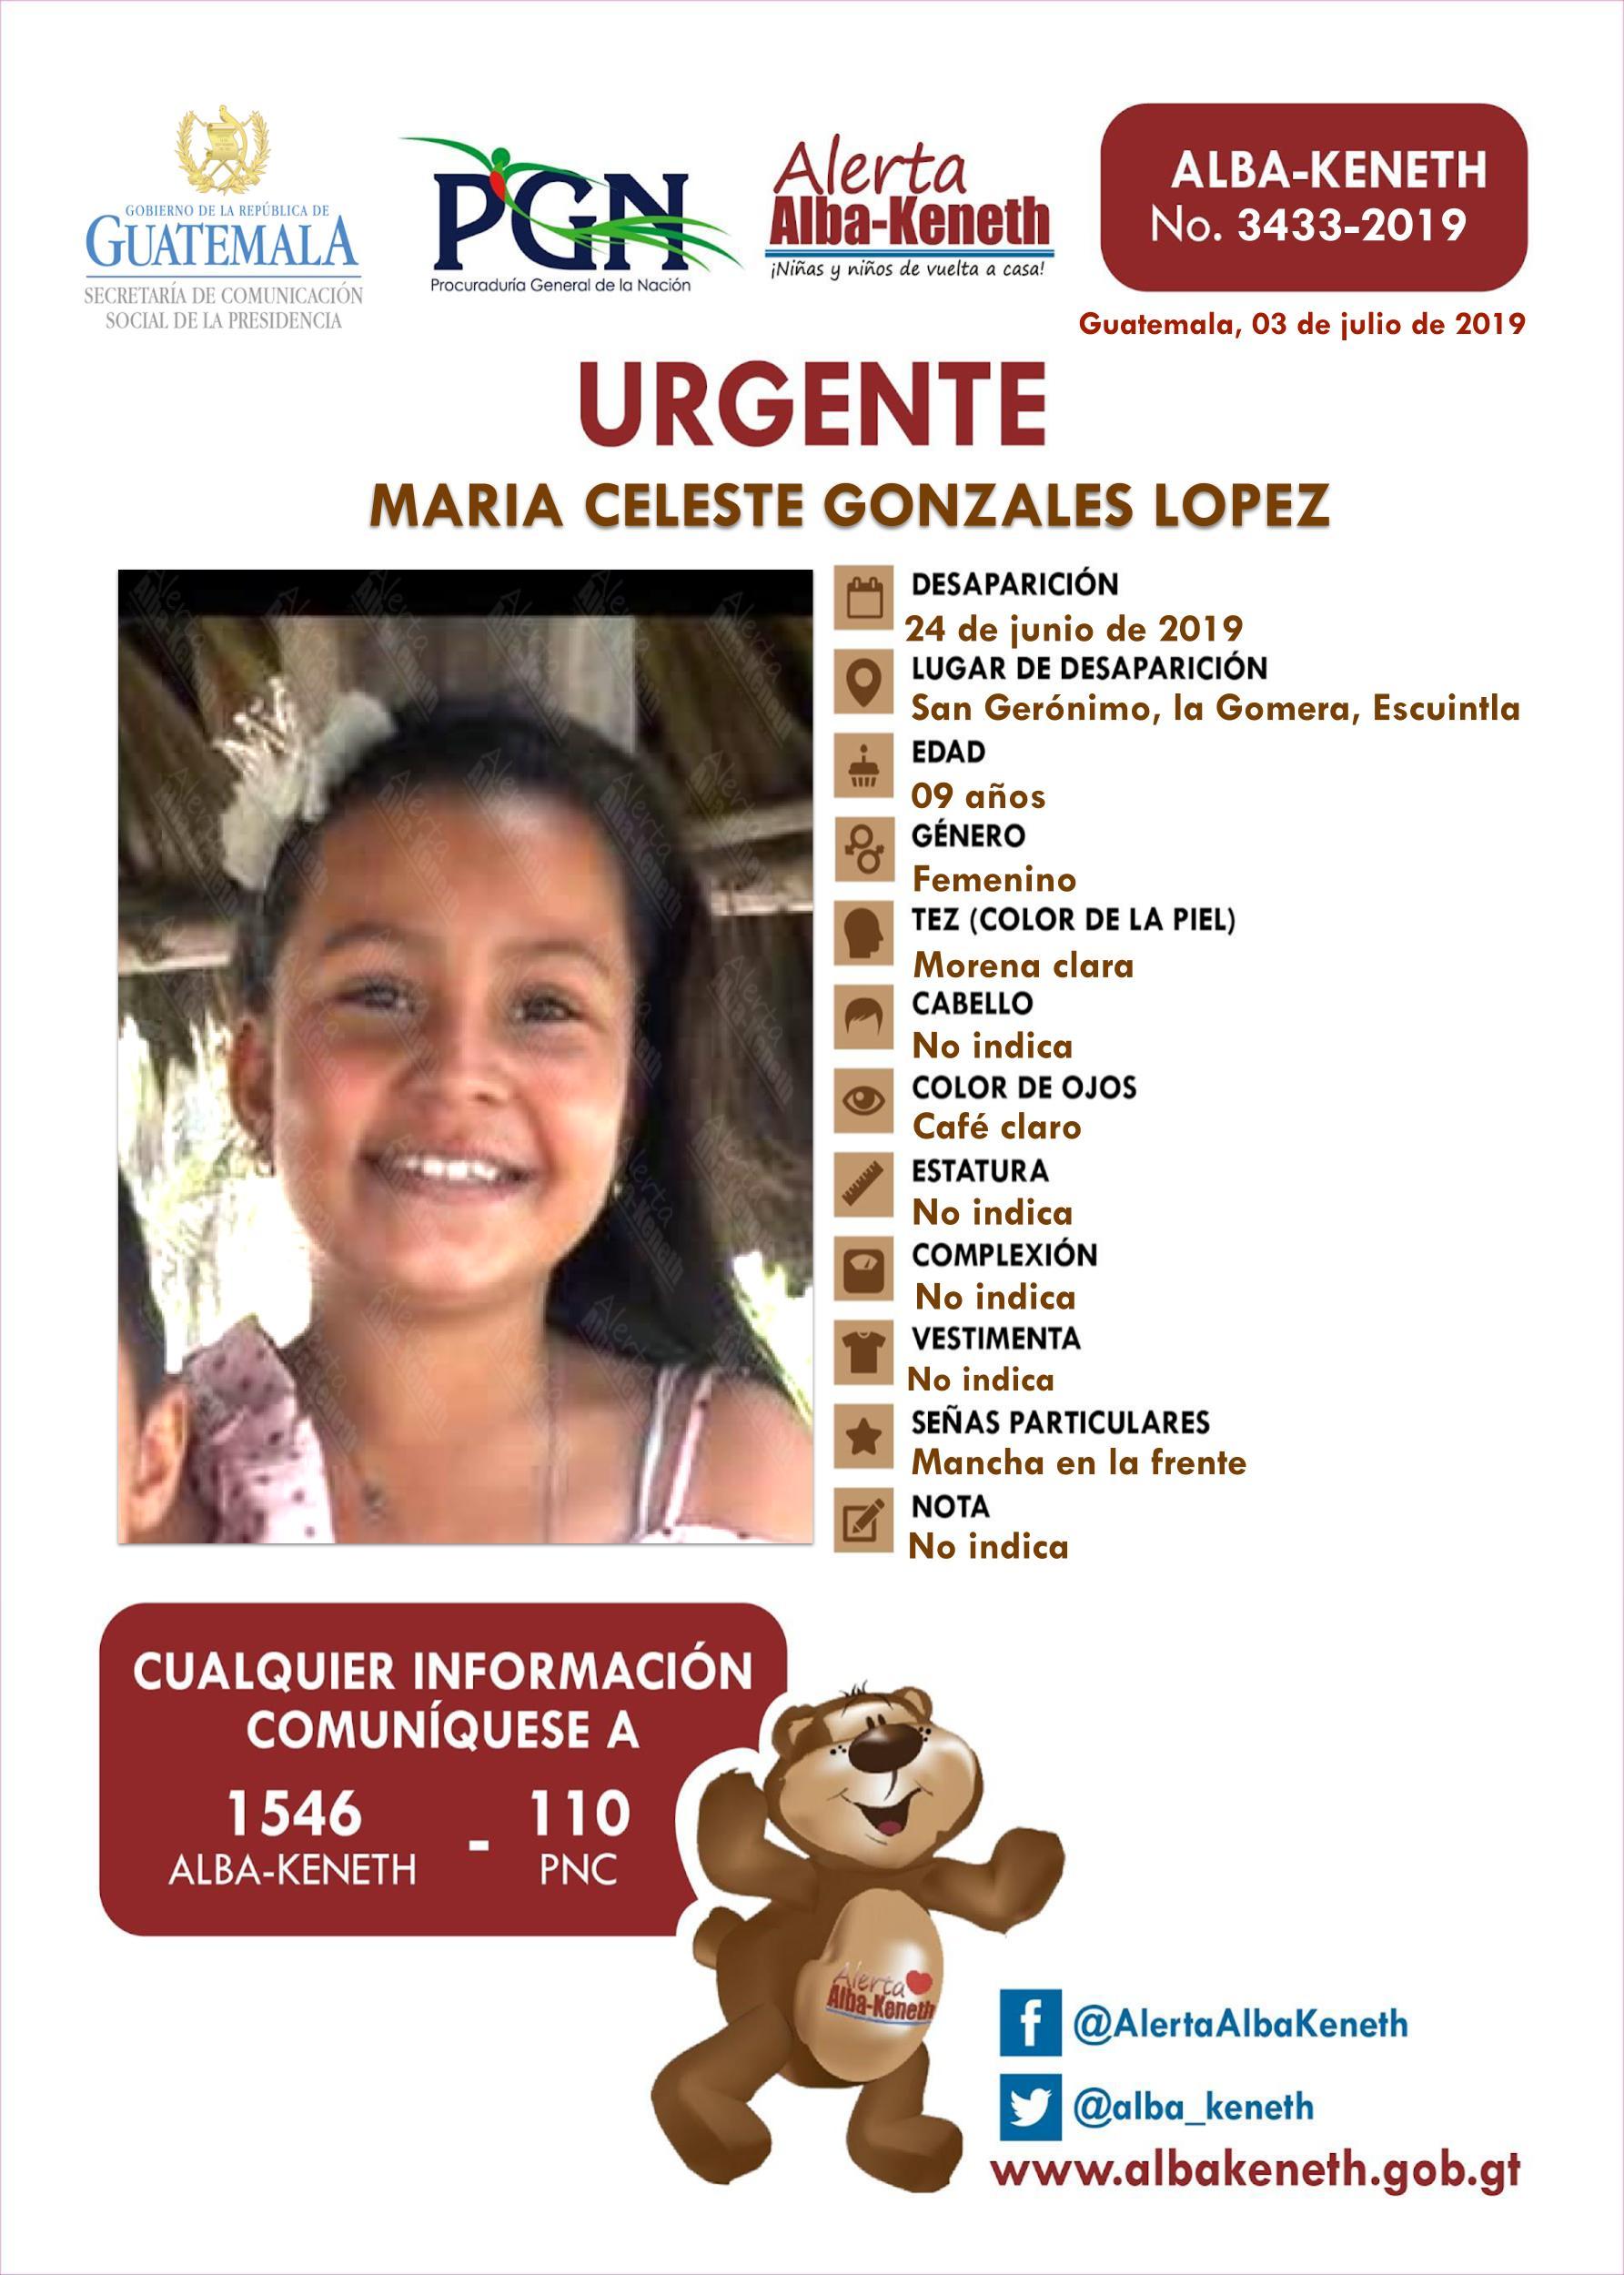 Maria Celeste Gonzales Lopez